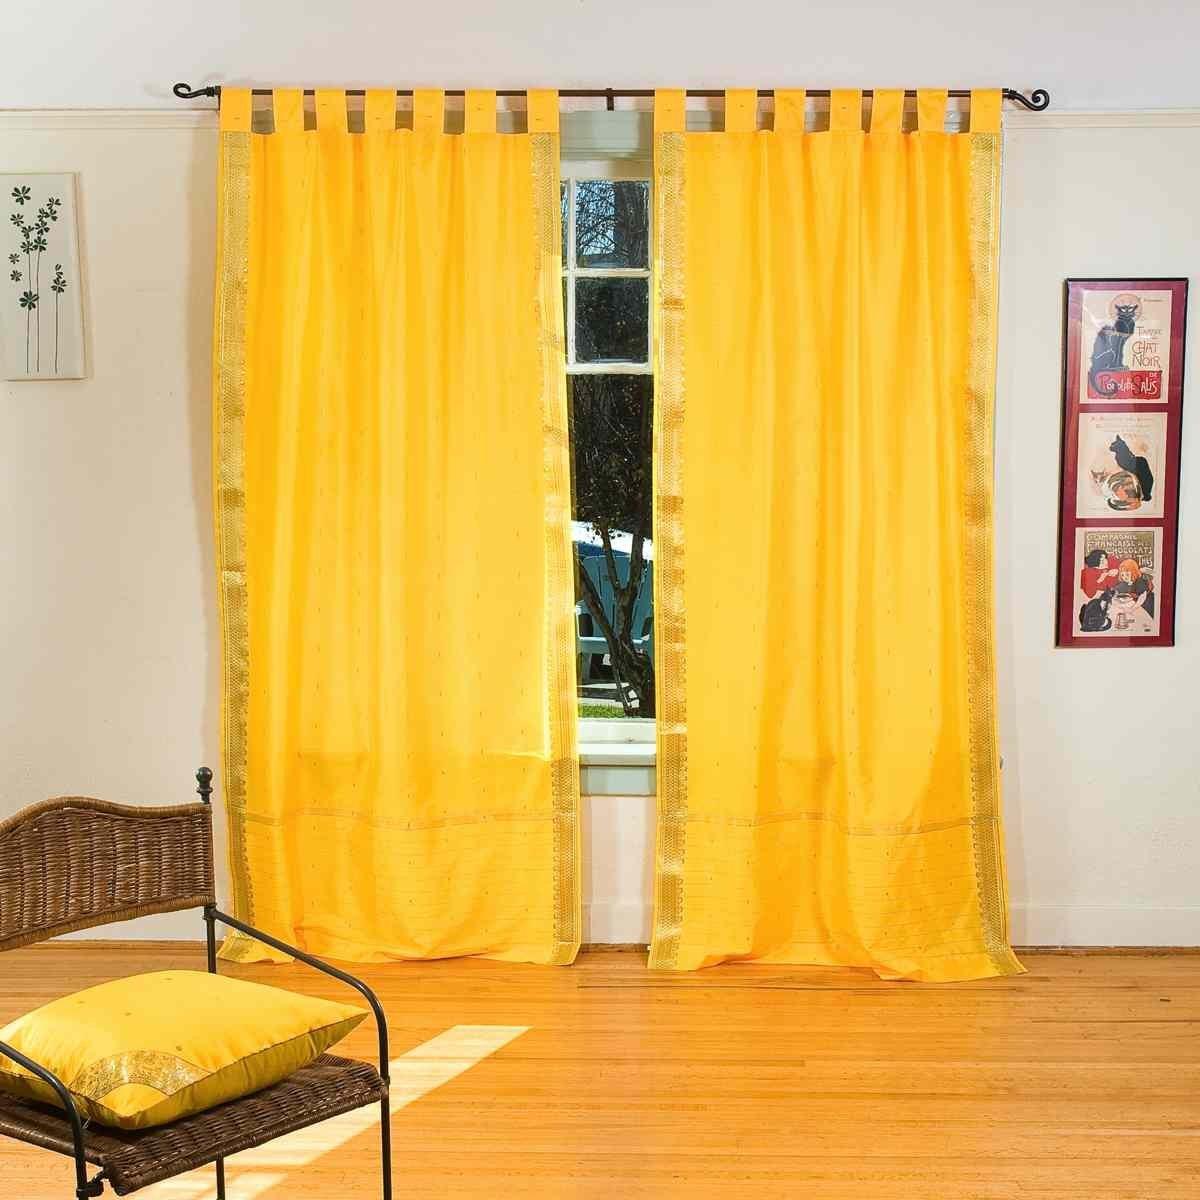 e181e8670c57213a58de82a0fb8da291 20+ Hottest Curtain Designs for 2018